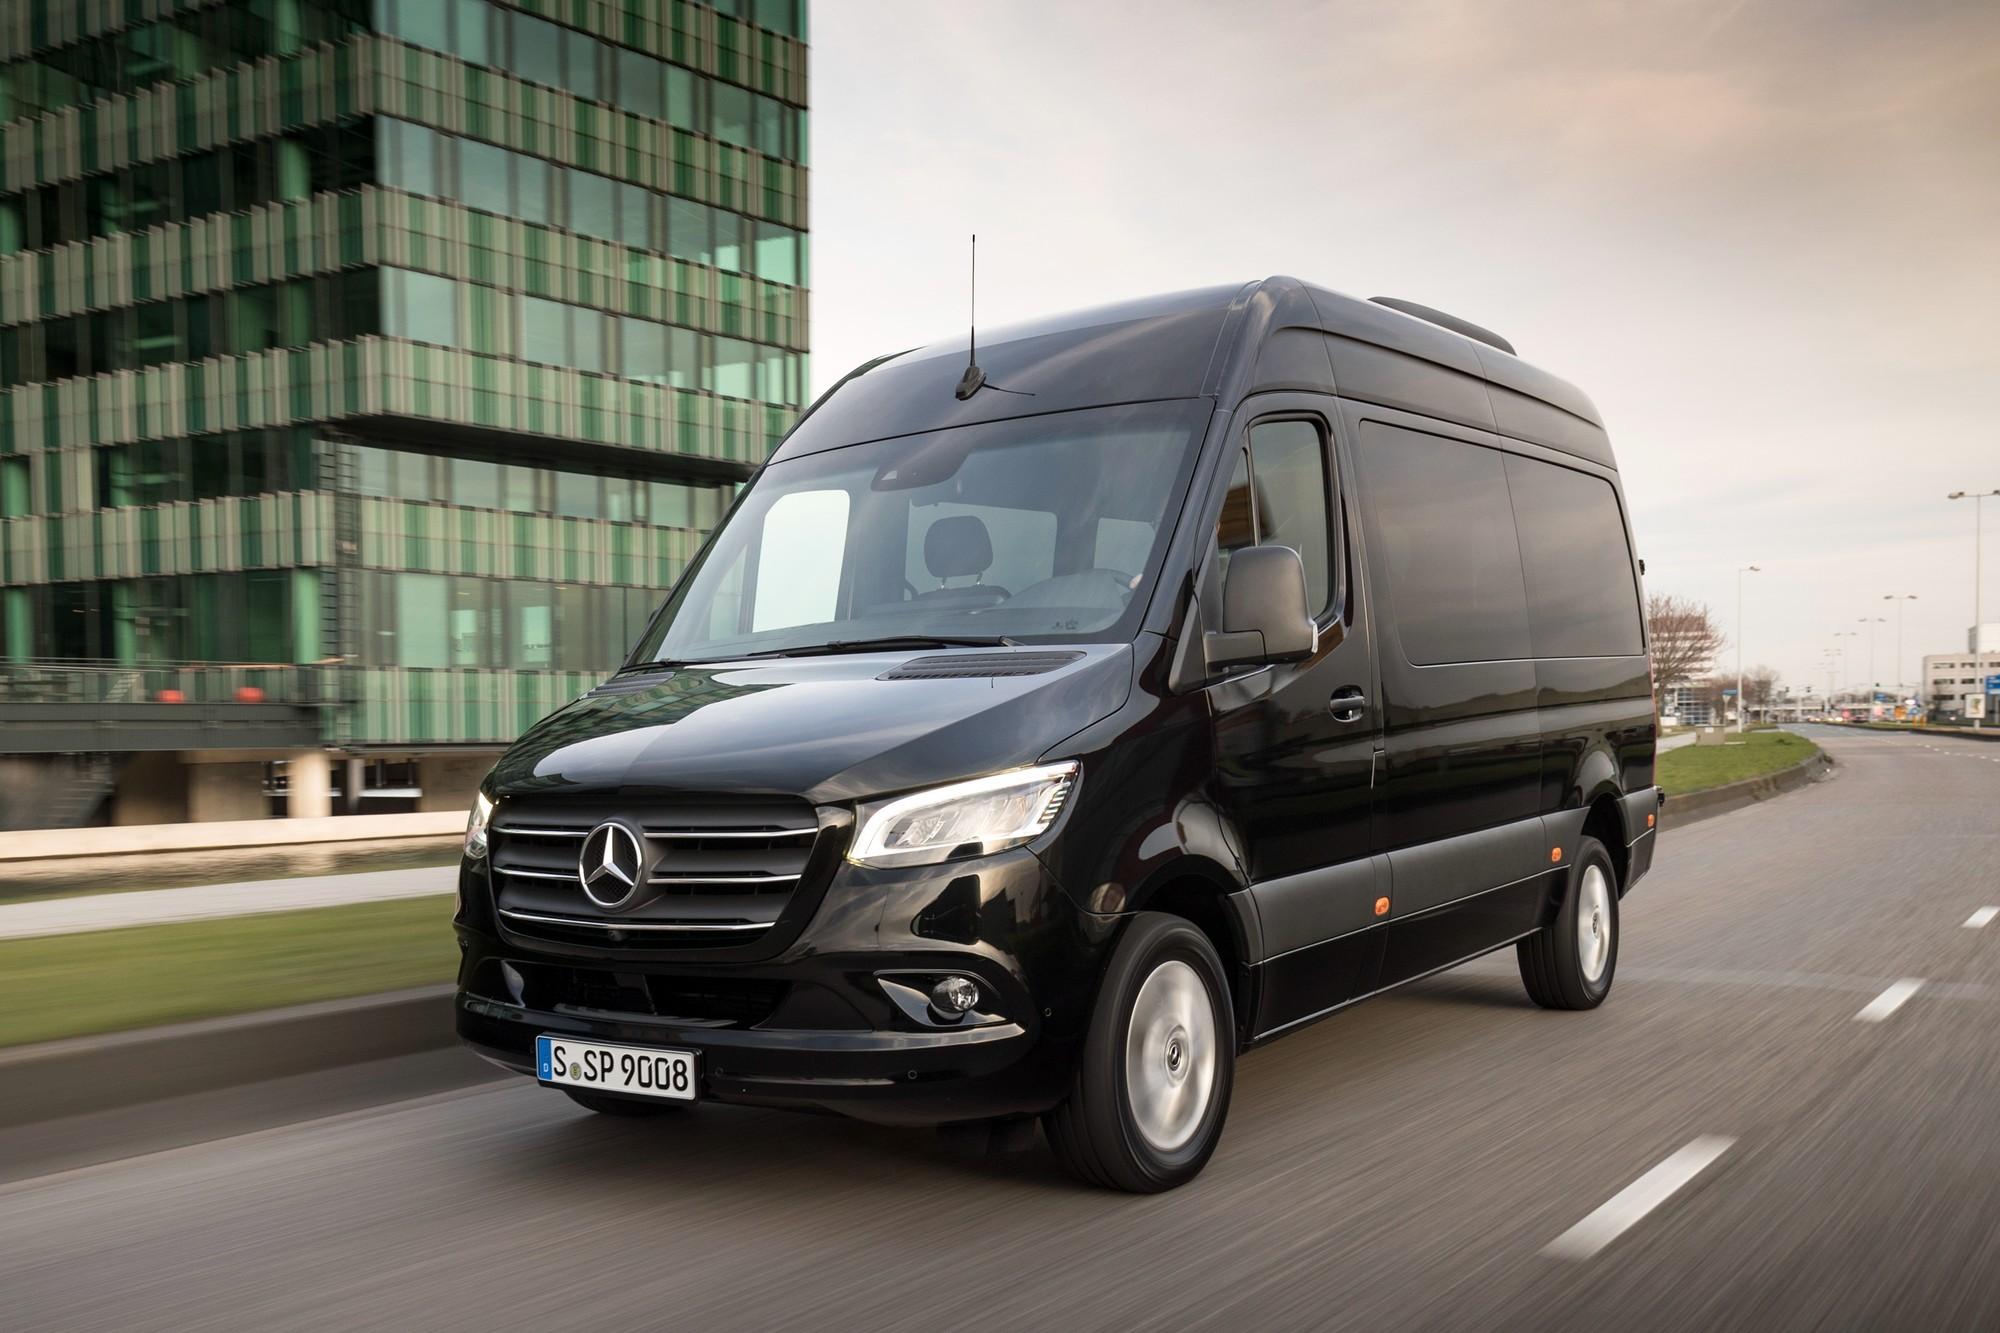 У Mercedes-Benz опять проблема с креслами: в России отзывают новенькие Sprinter